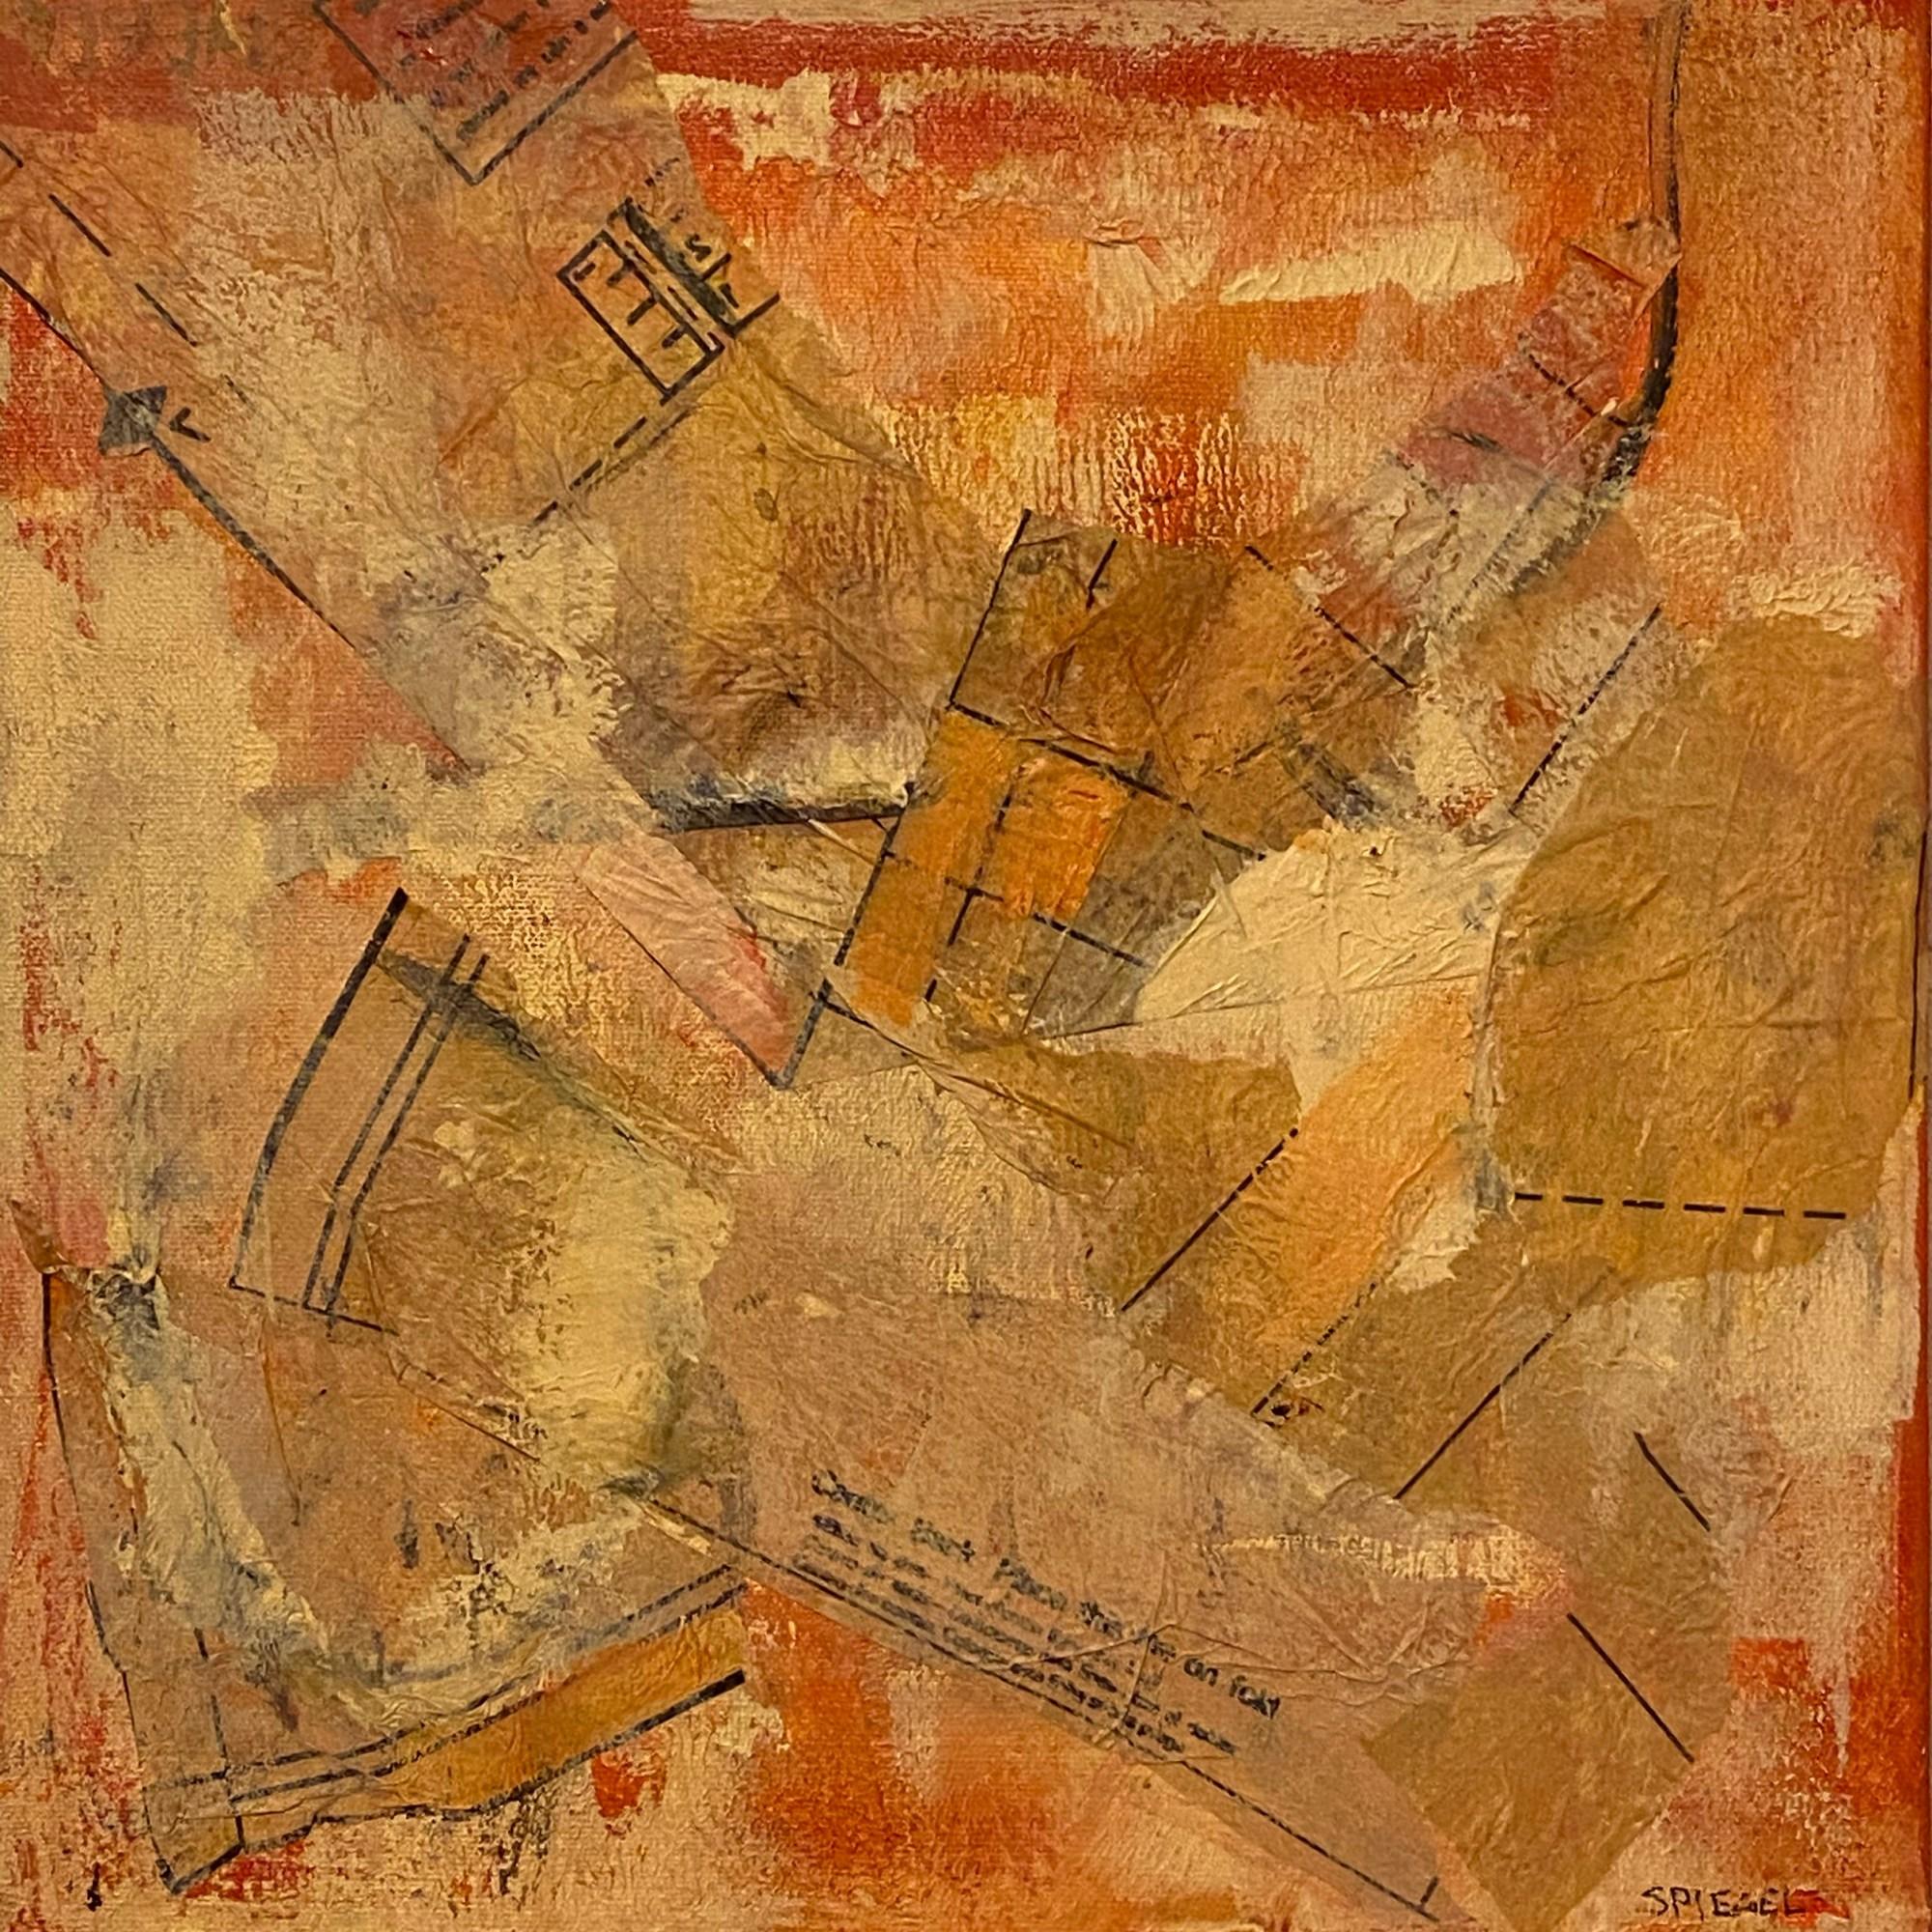 Patterns #1 - Sanda Spiegel